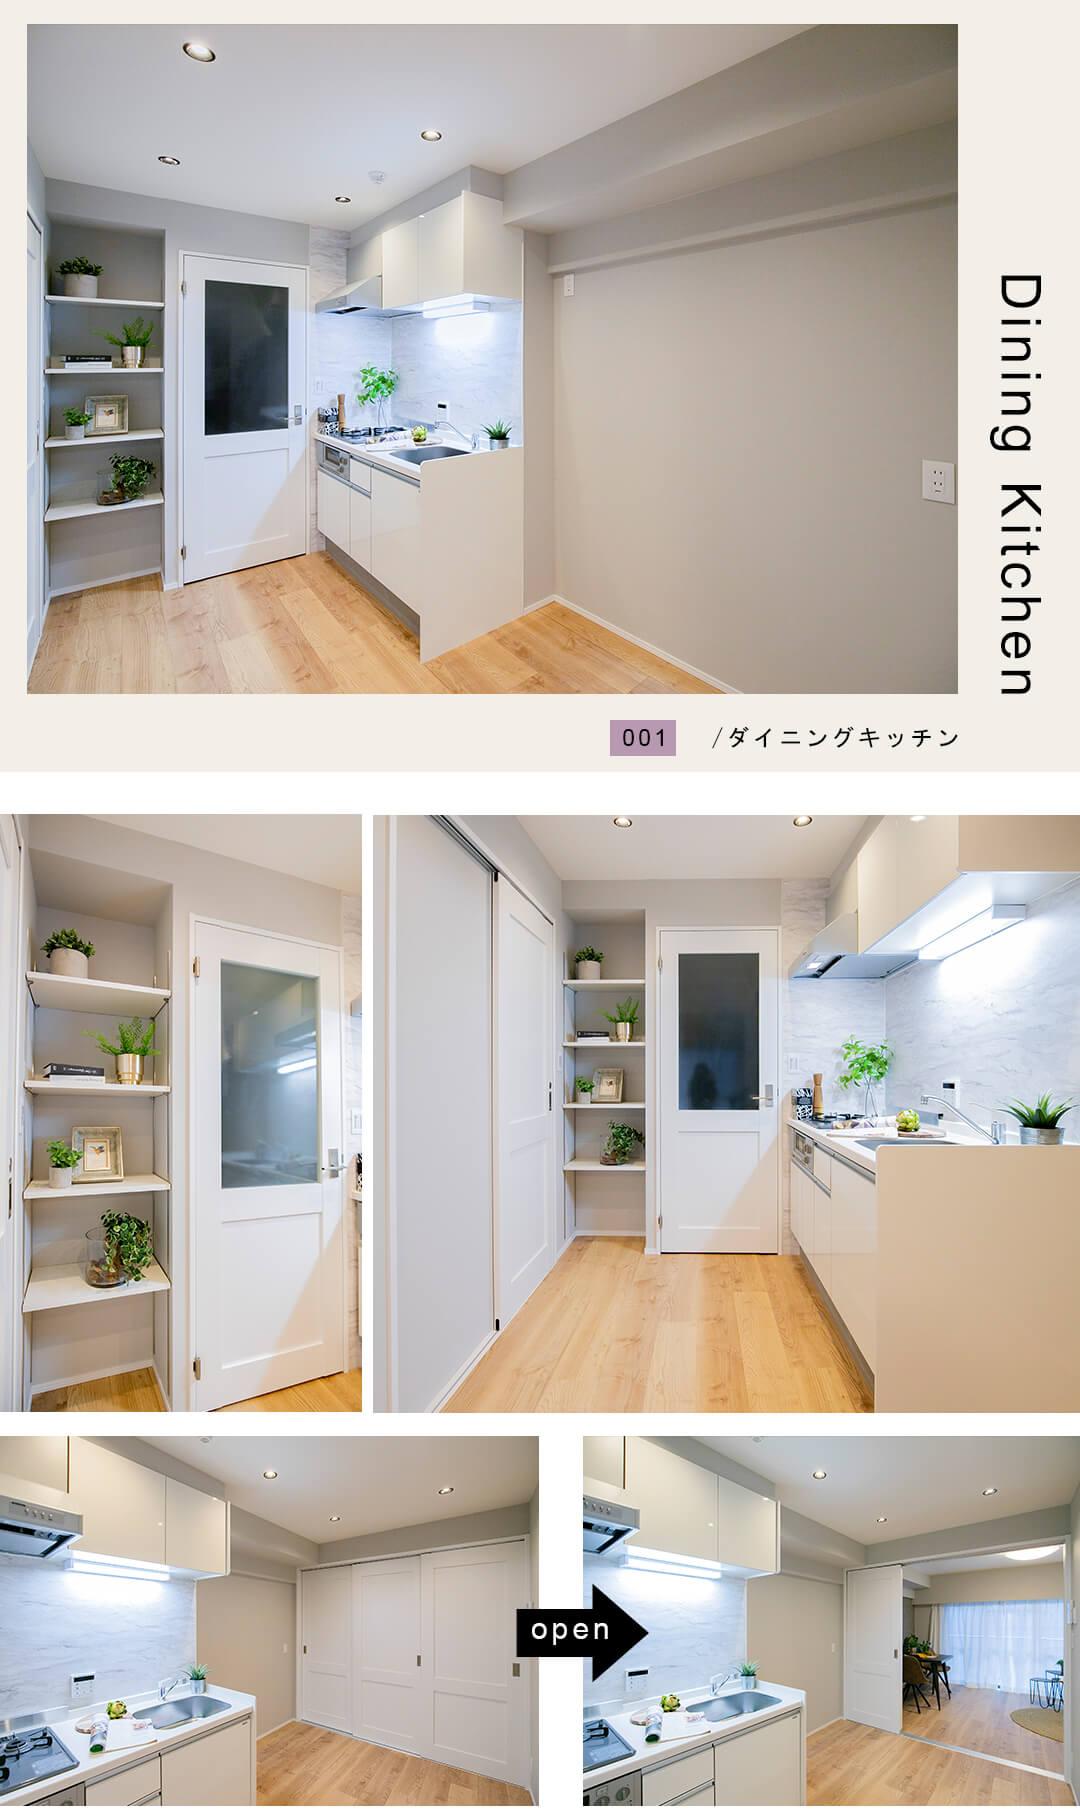 飯田橋ハイタウンのダイニングキッチン